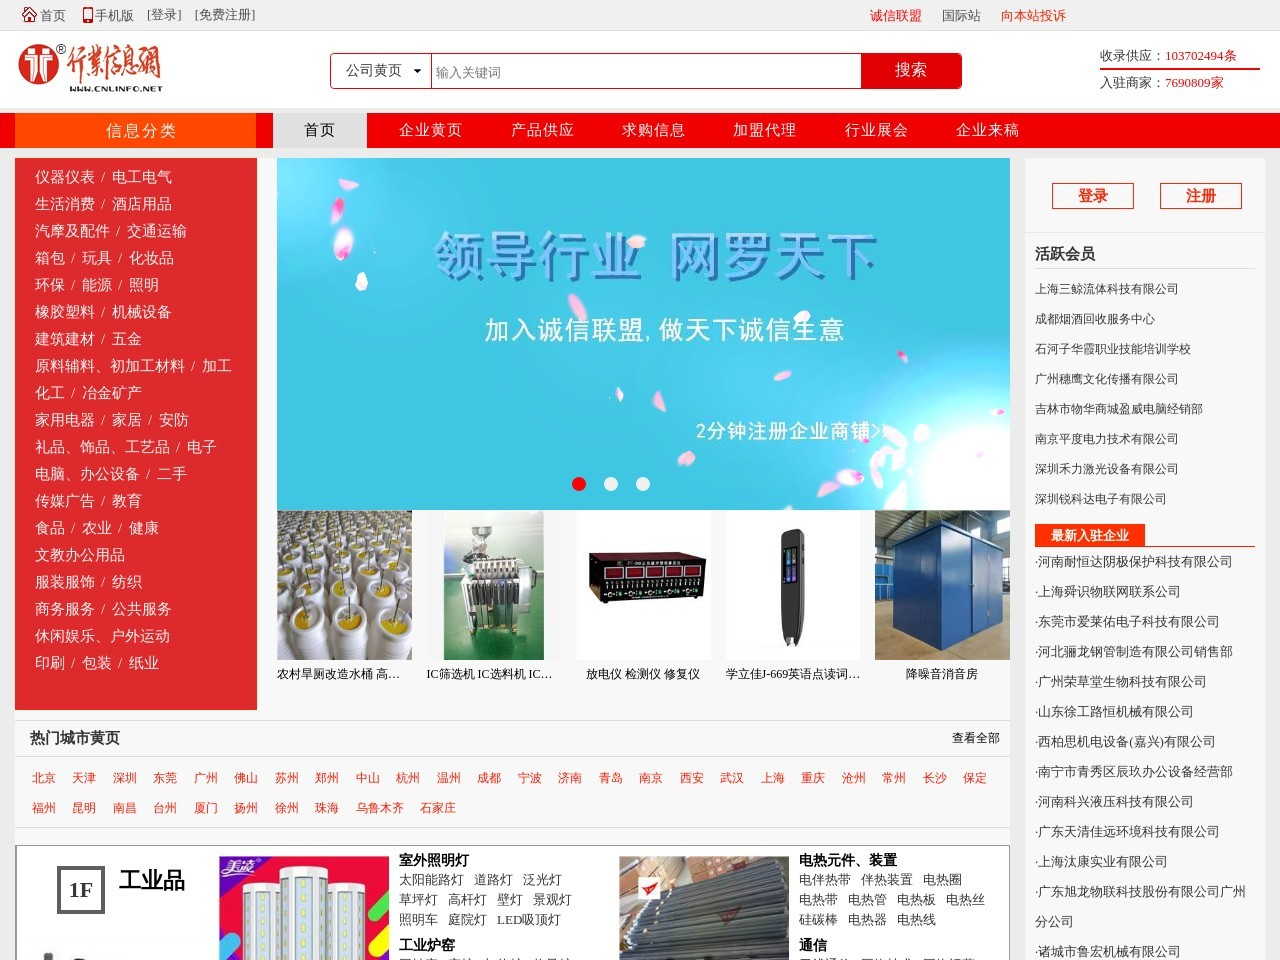 【光纤通信仪表】光纤通信仪表价格_光纤通信仪表批发 - 中国行业信息网